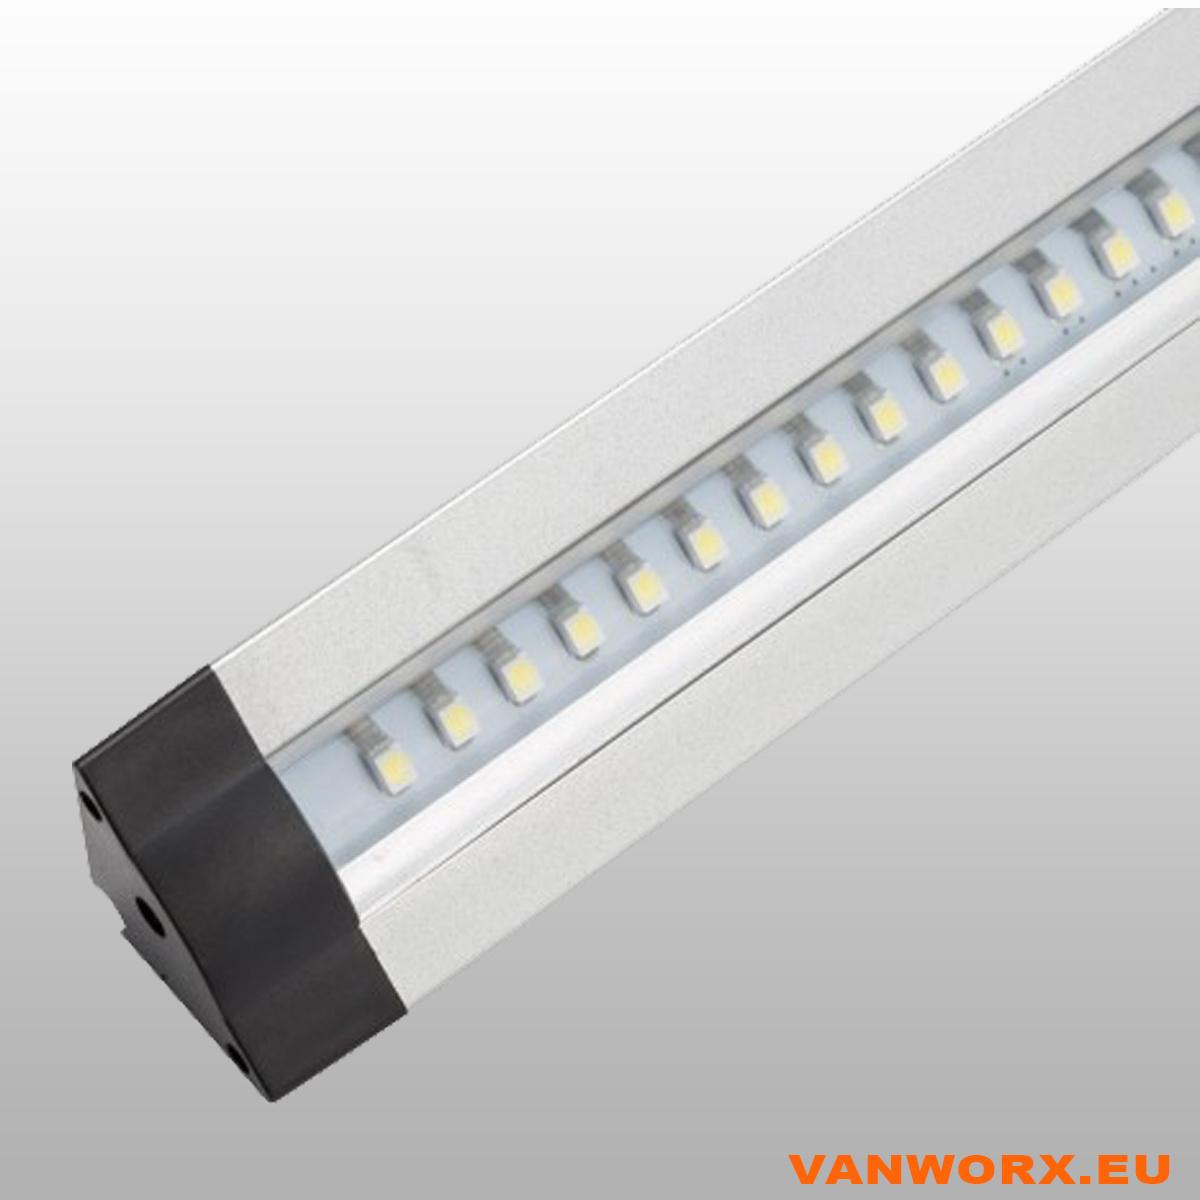 LED-Streifen Alu Ecke 1000 mm